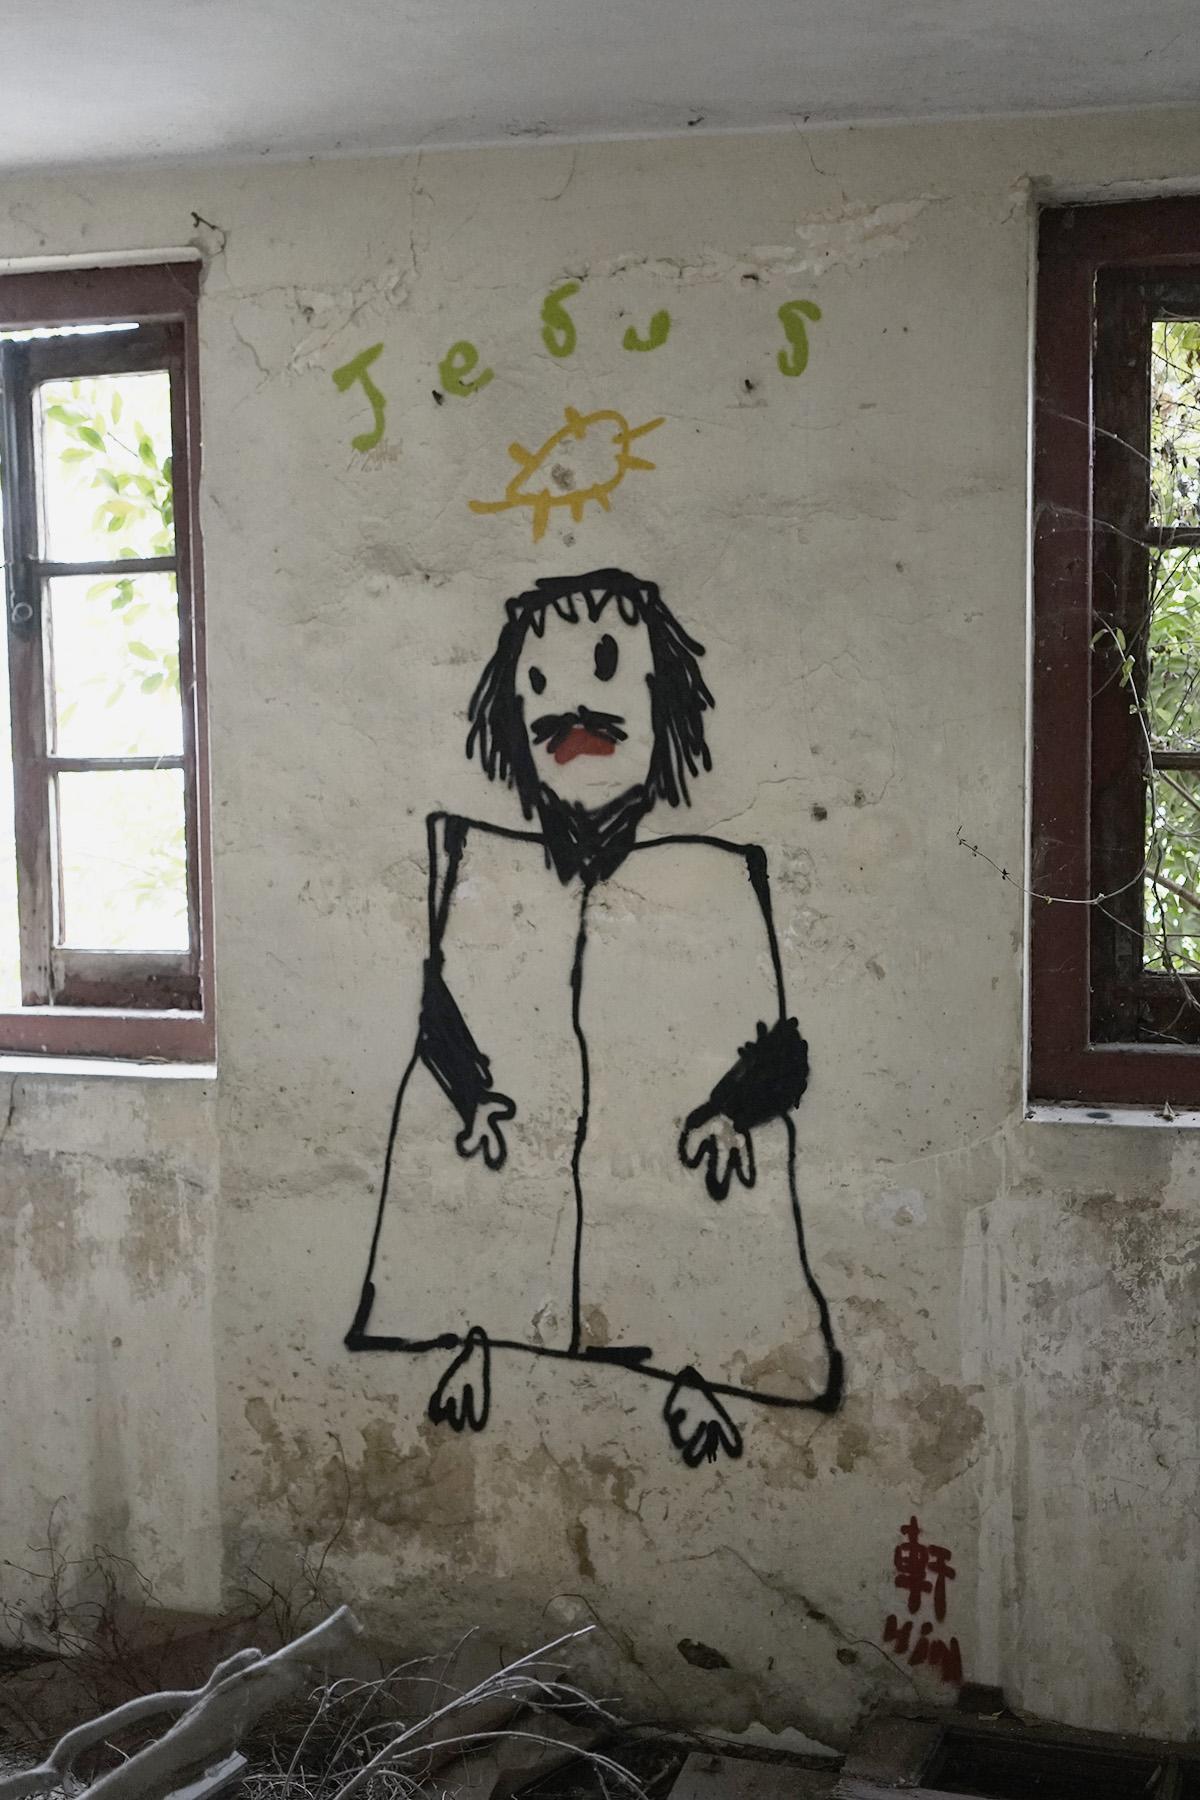 hin Hong kong china asia haifa street art graffiti broken fingaz erotic art tant deso haifa israel unga bfc